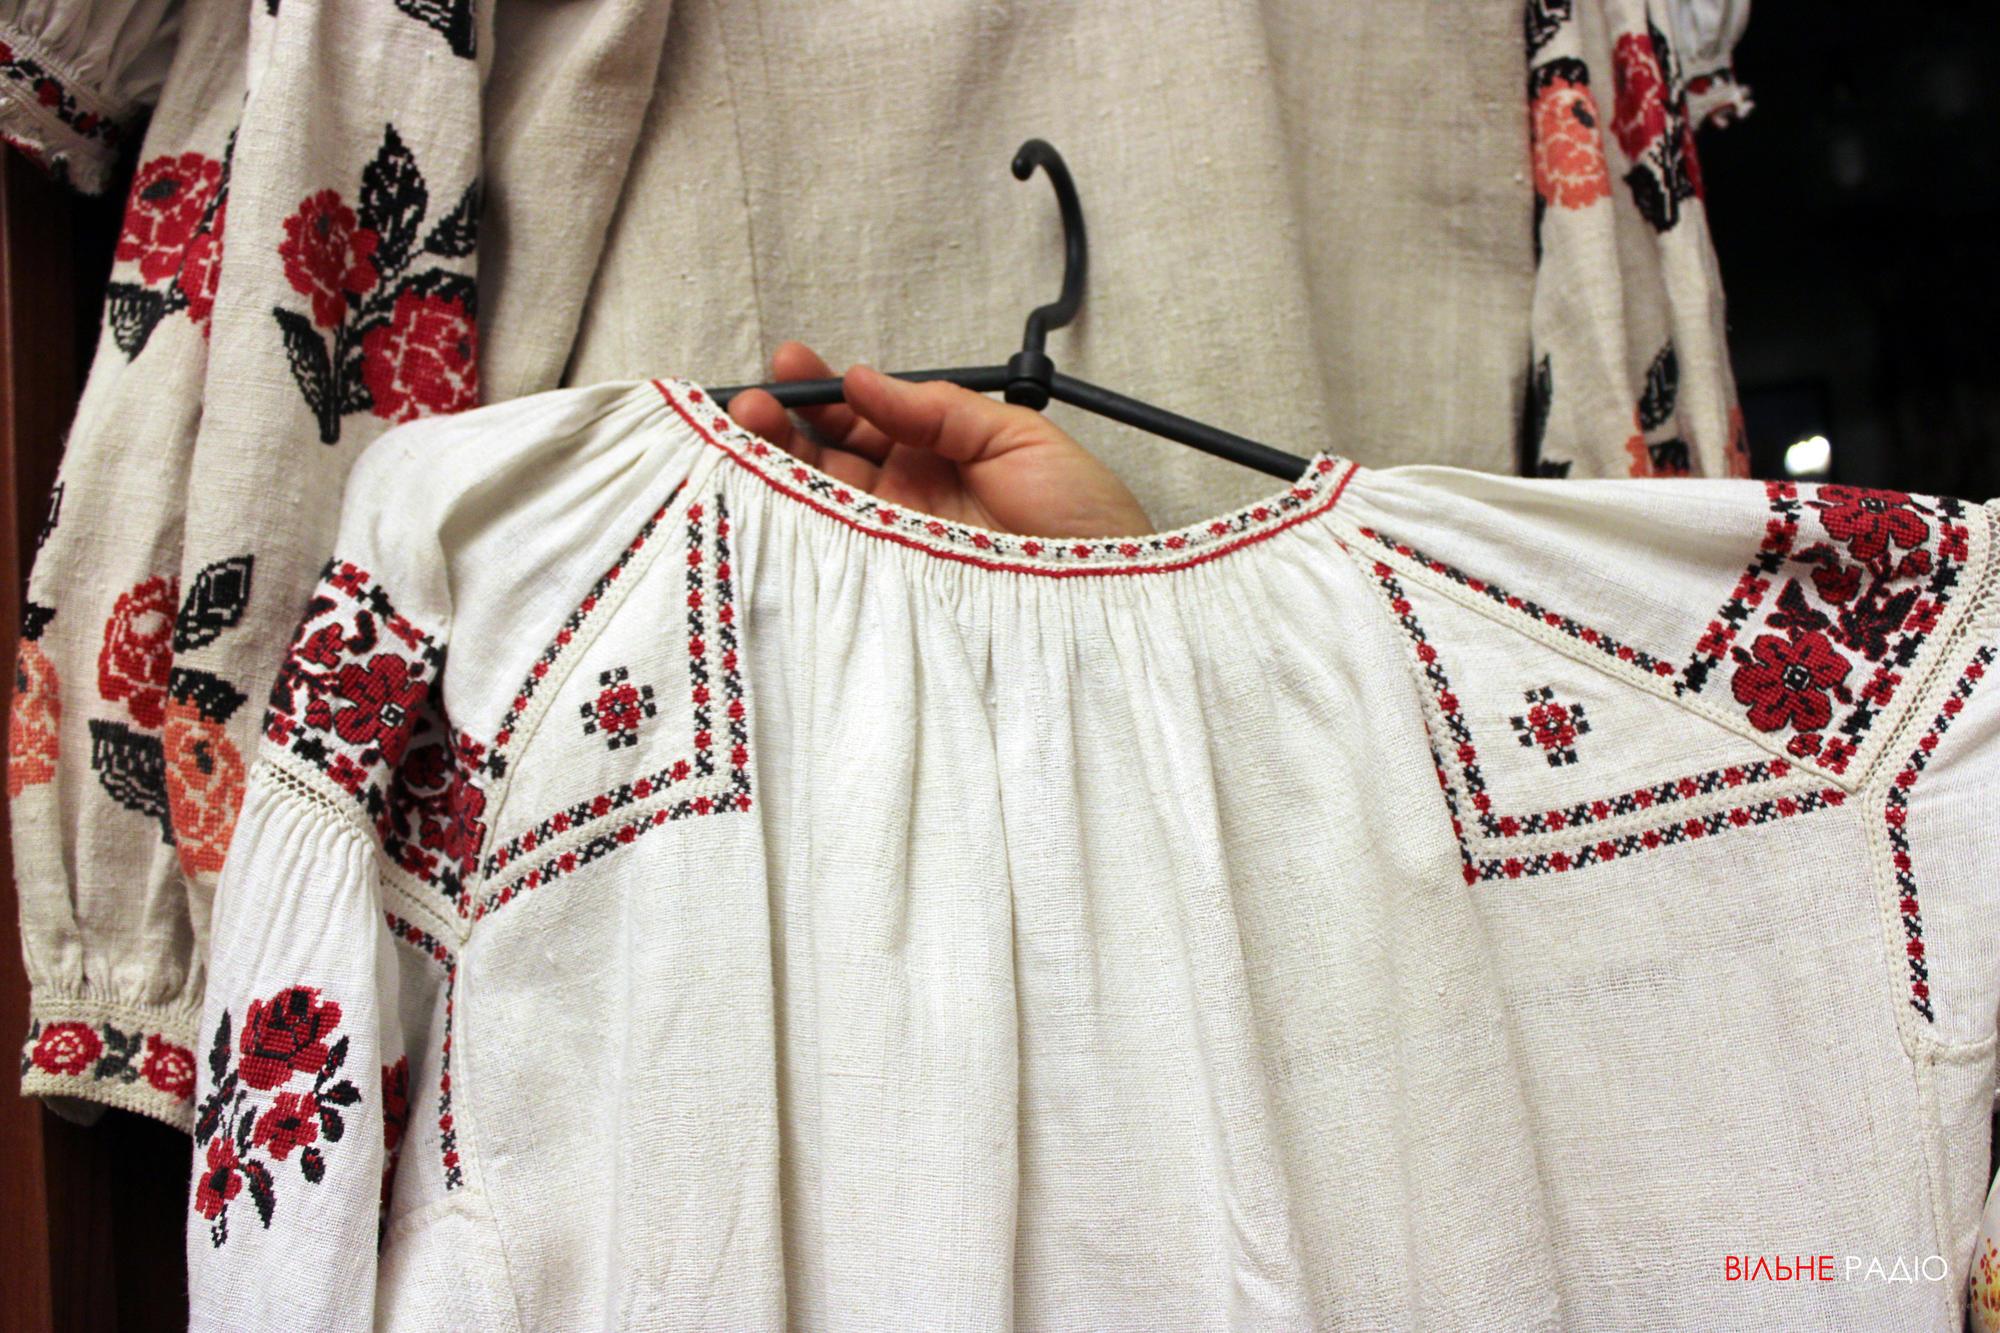 Трикутники на вишиванках, які за повір'ям захищали українців від вроків